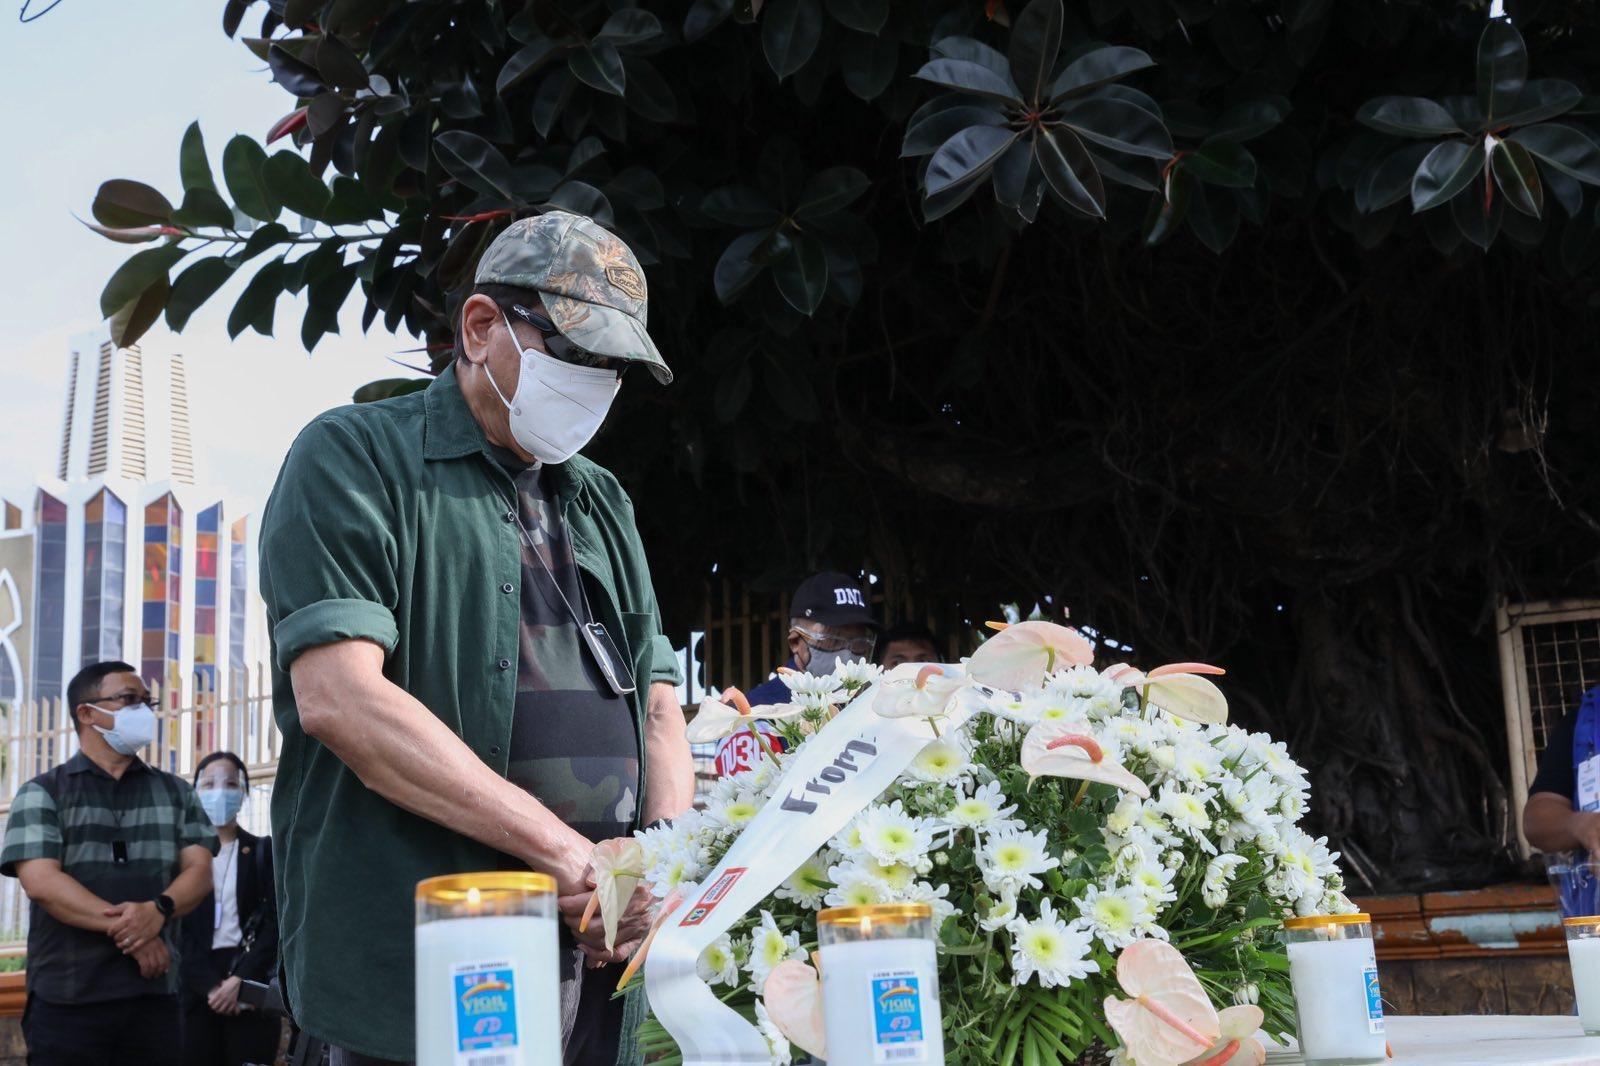 菲律宾总统杜特尔特视察霍洛市连环爆炸现场